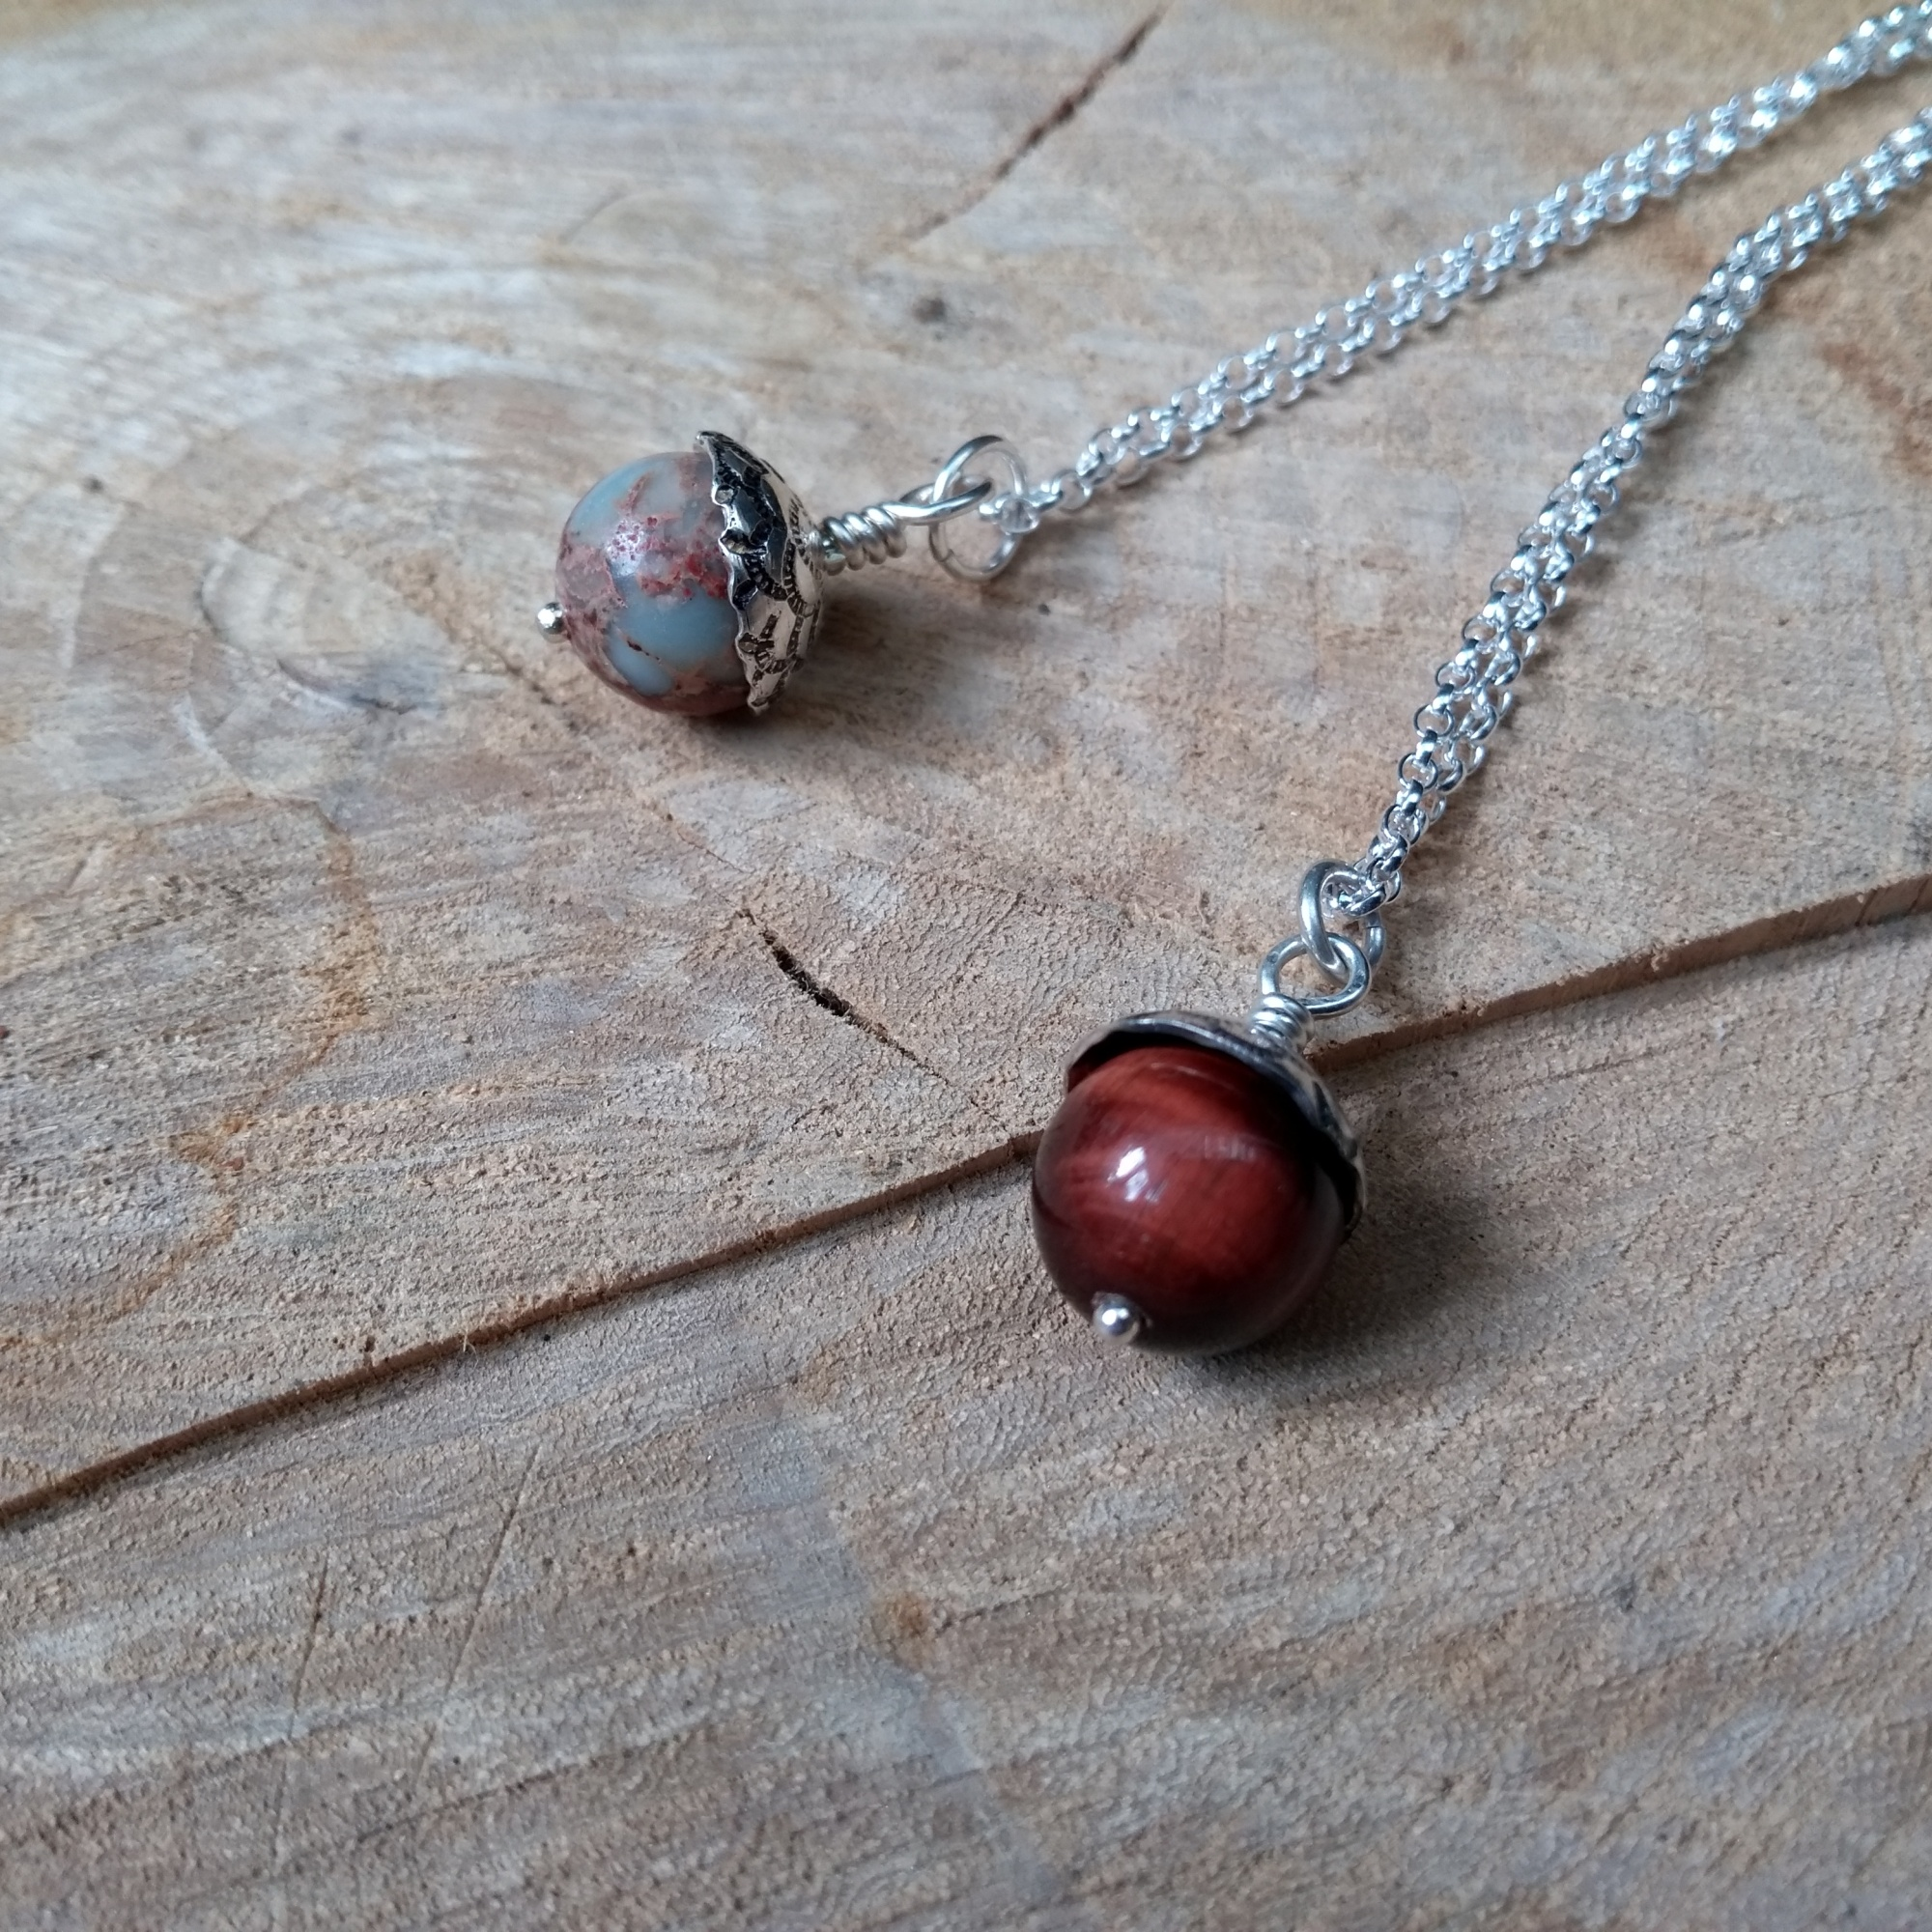 Silver acorn pendants with semi-precious stones